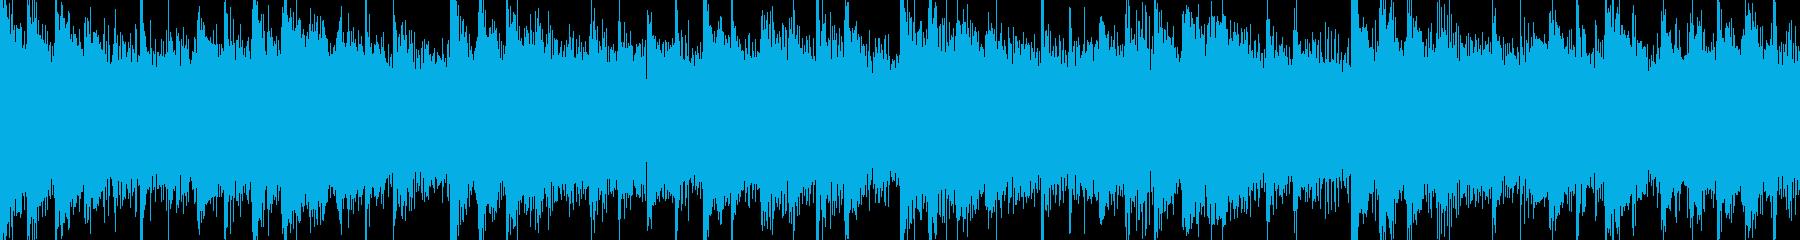 ピアノをリード楽器として使用した、...の再生済みの波形